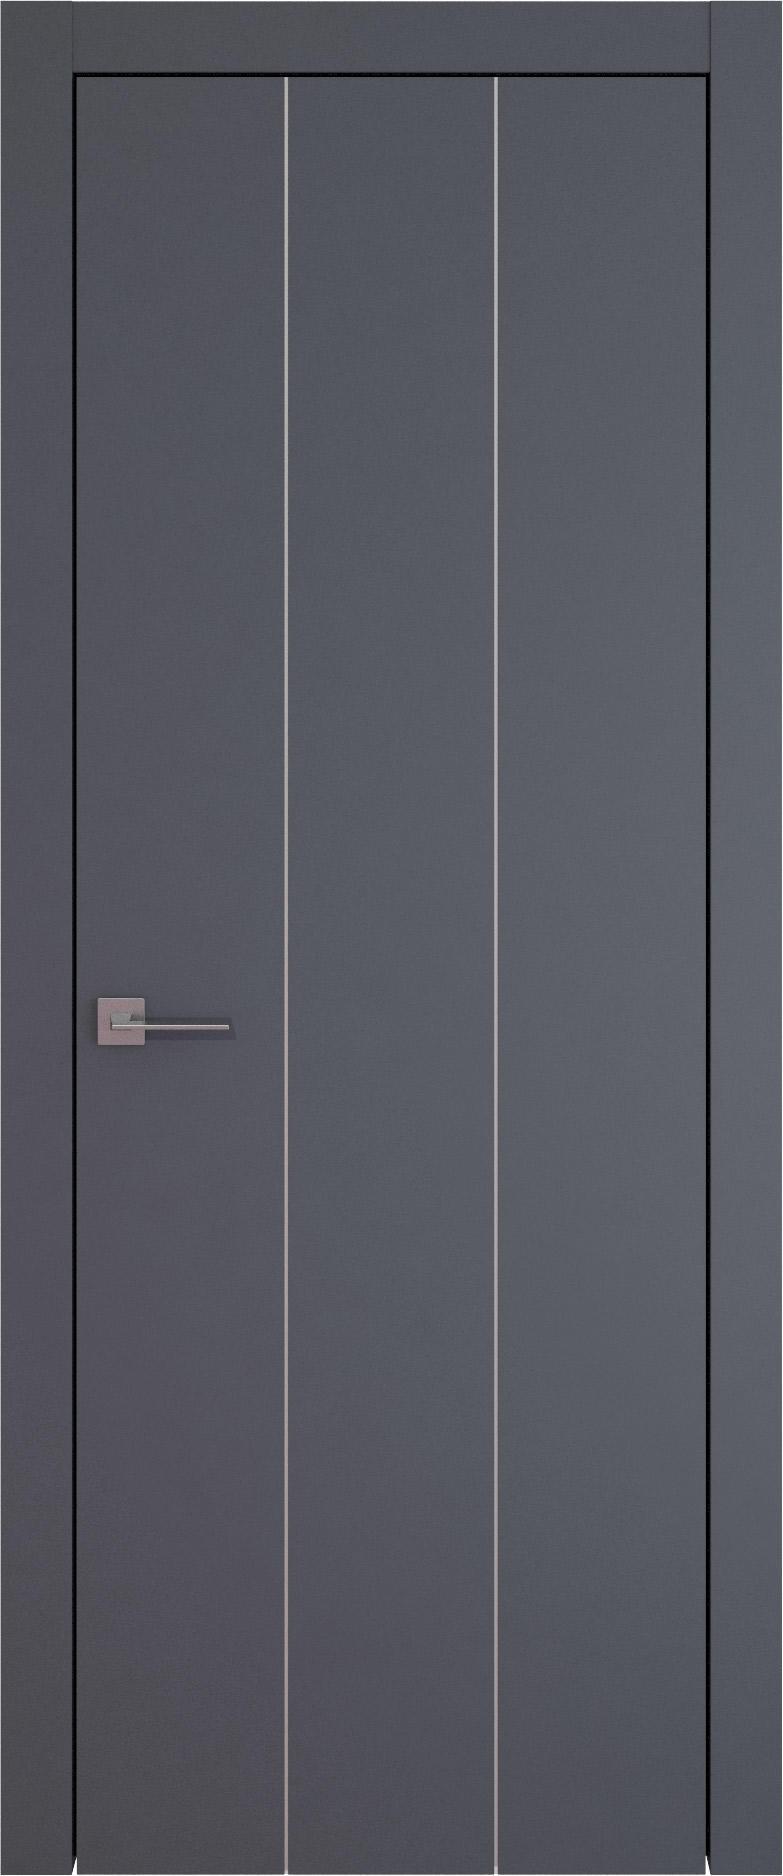 Tivoli Б-1 цвет - Графитово-серая эмаль (RAL 7024) Без стекла (ДГ)